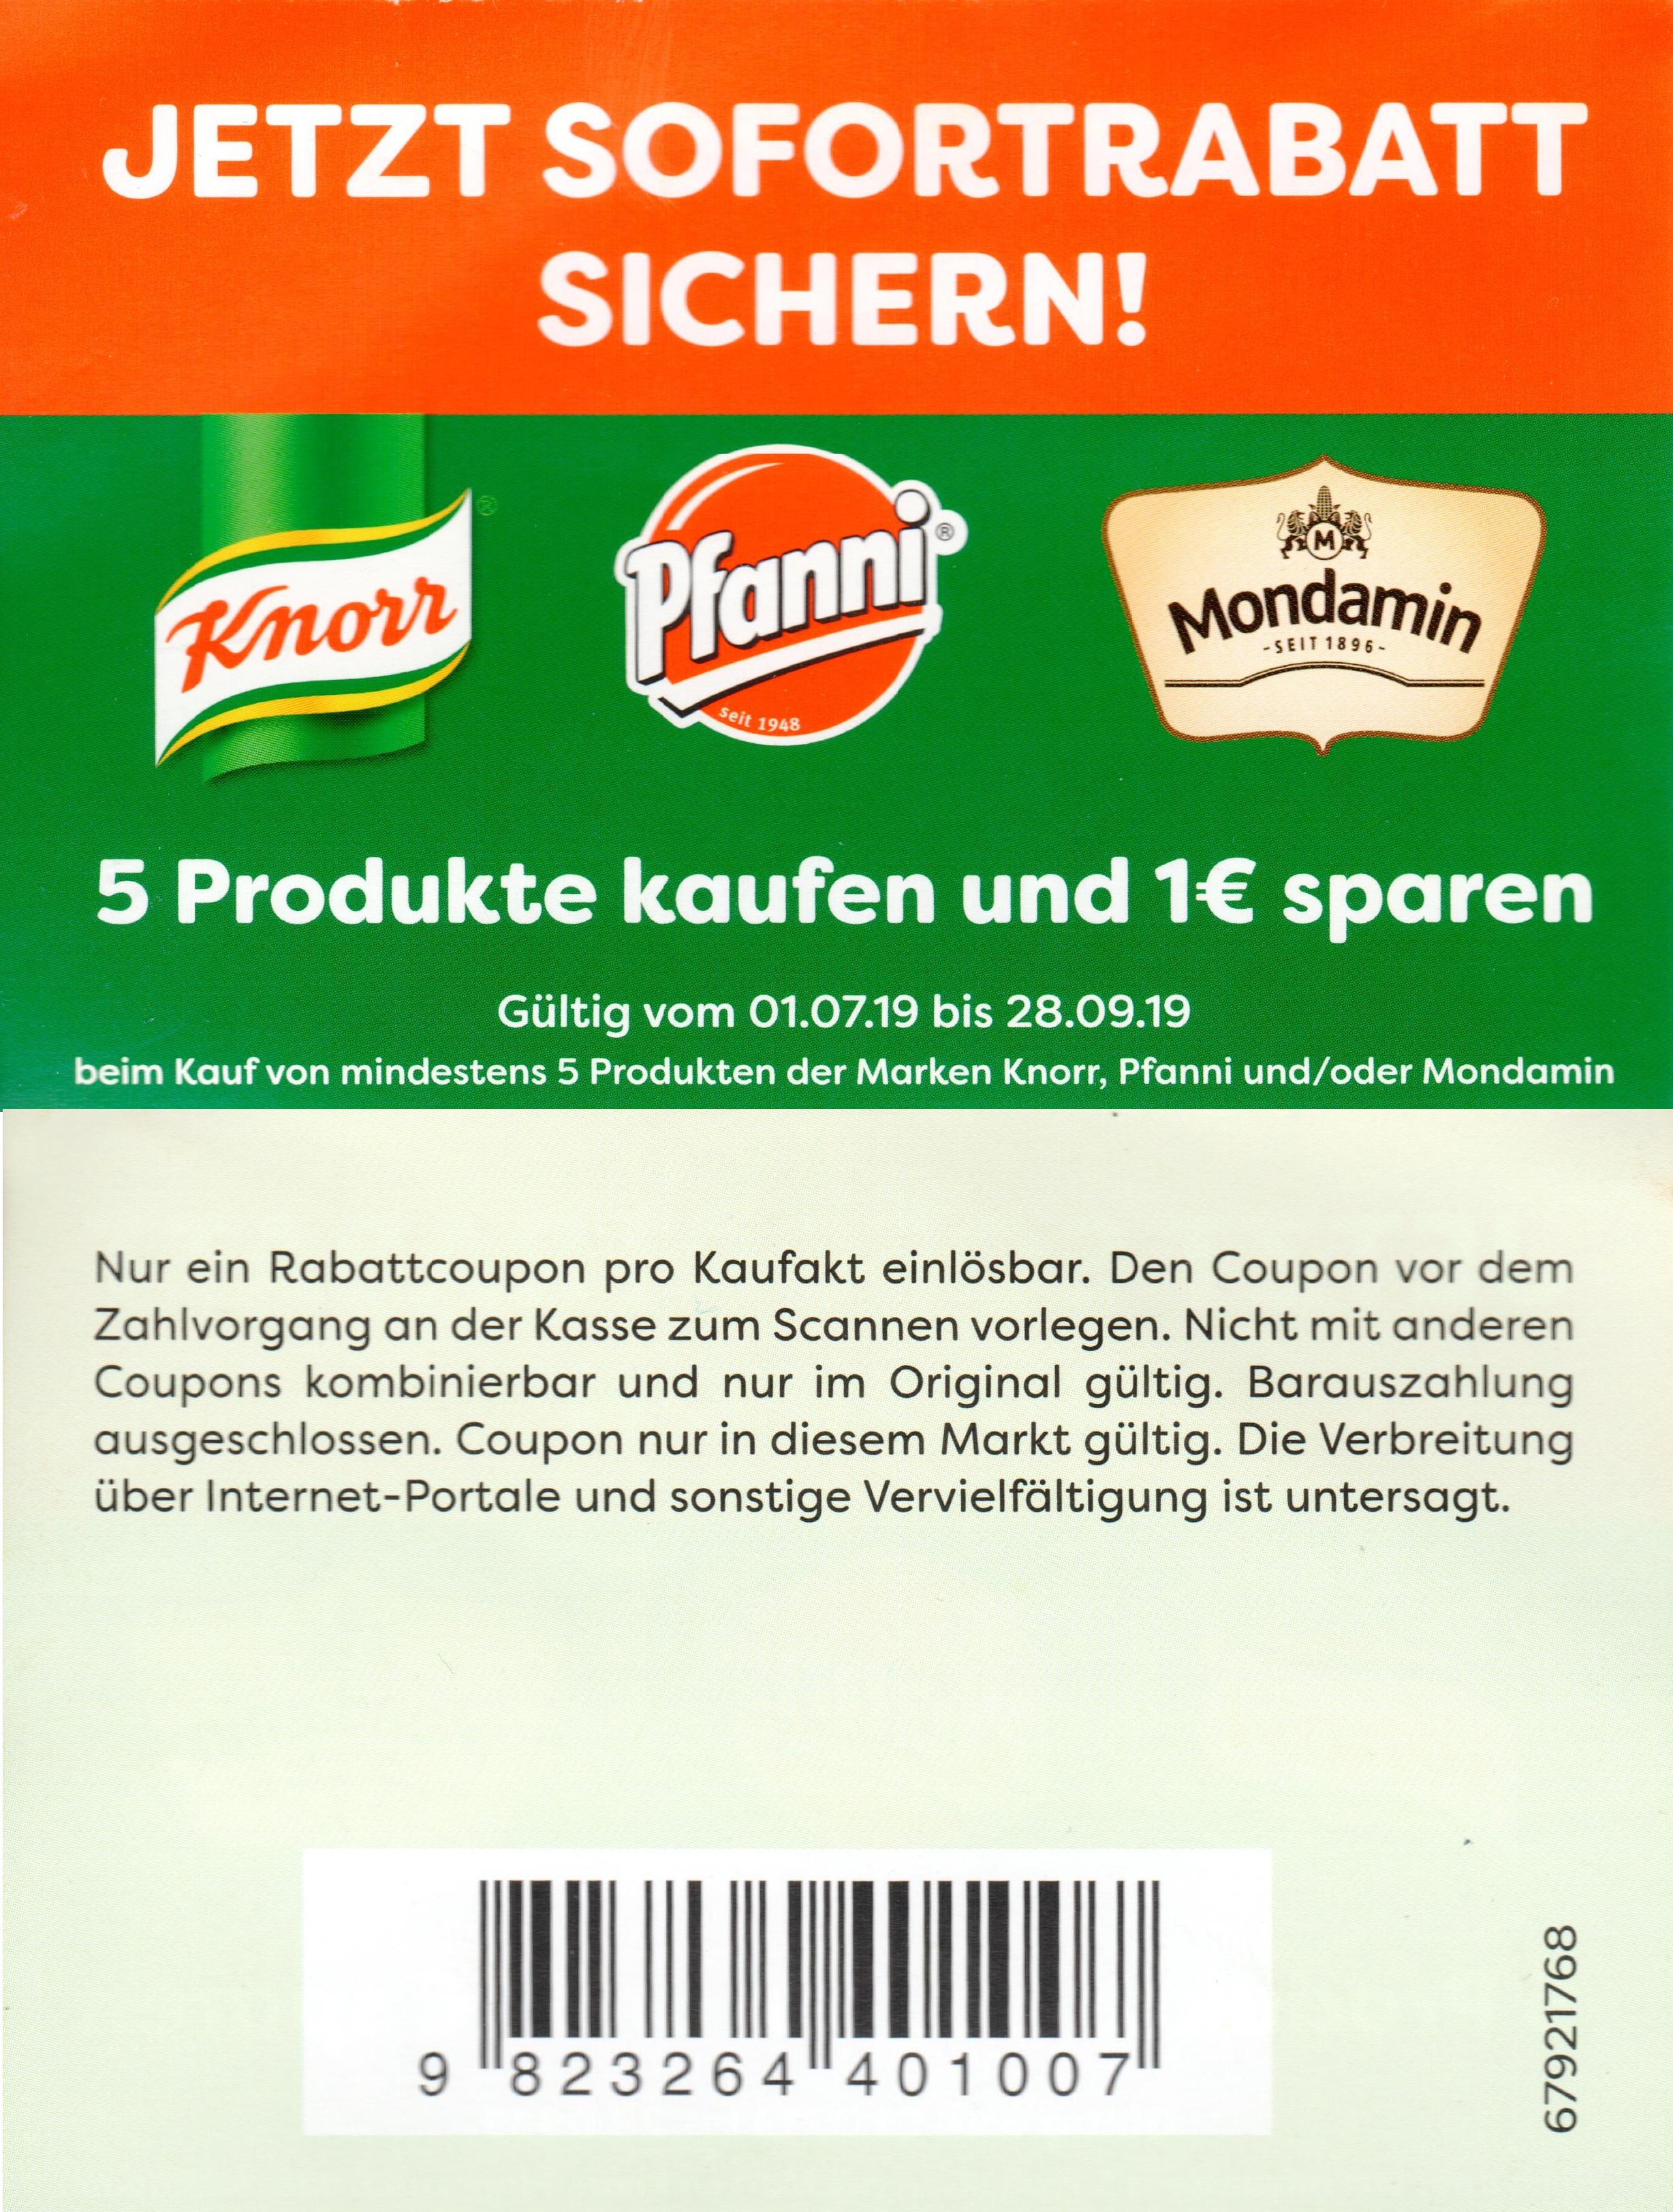 1€ Sofort-Rabatt für den Kauf von 5x Knorr, Pfanni oder Mondamin Produkten [Edeka] bis 28.09.2019